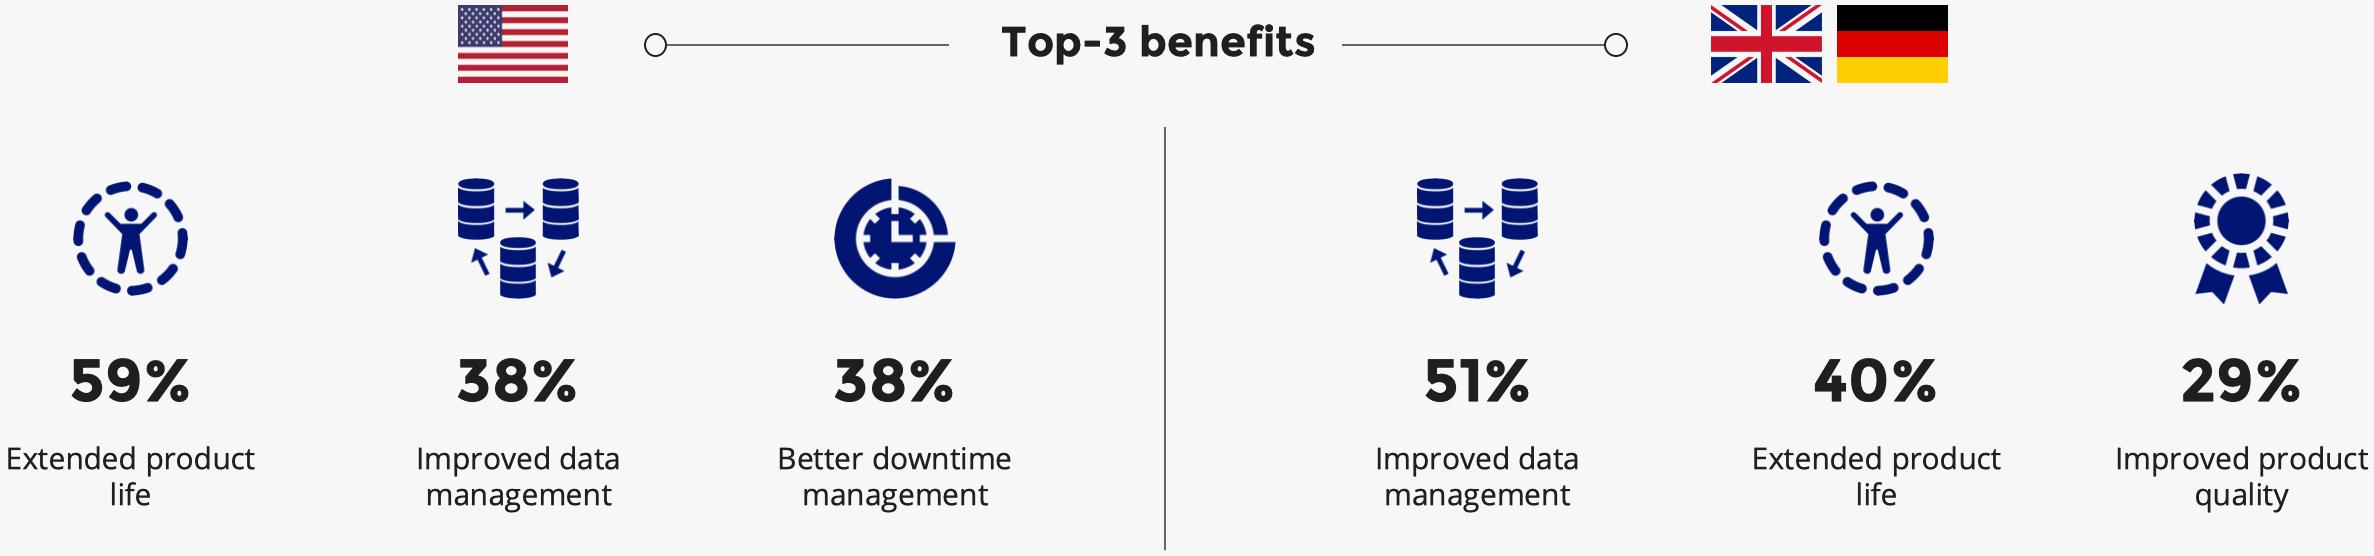 Top 3 Benefits